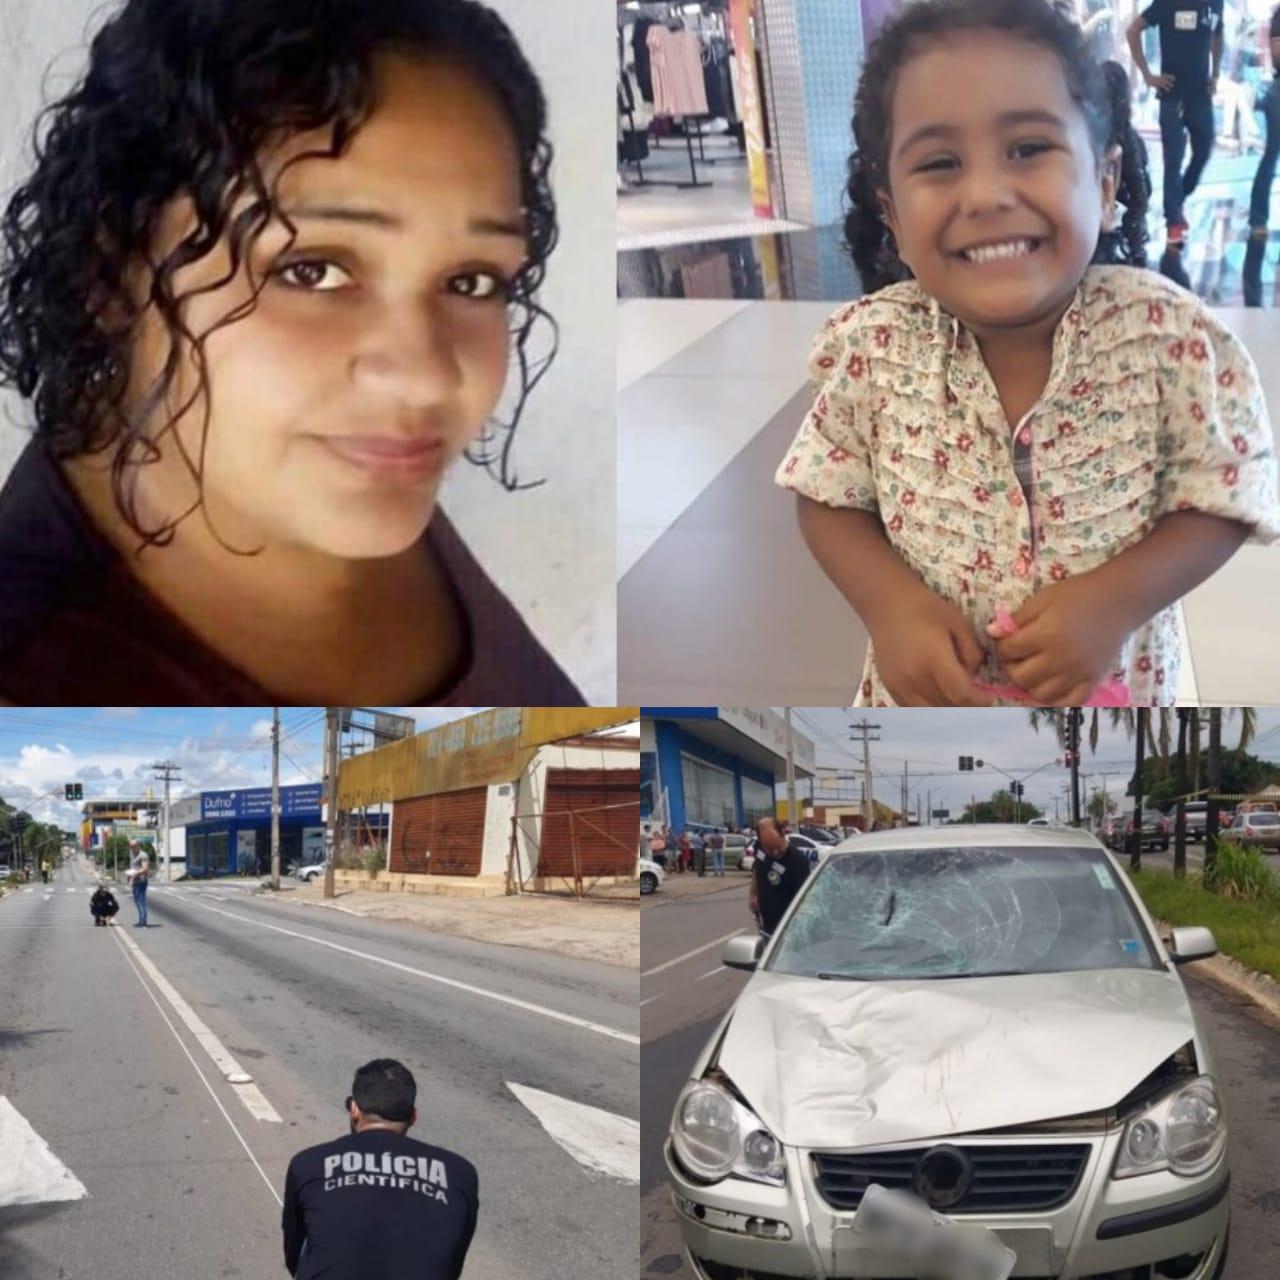 Perícia aponta excesso de velocidade do carro que matou mãe e filha na Av. Independência